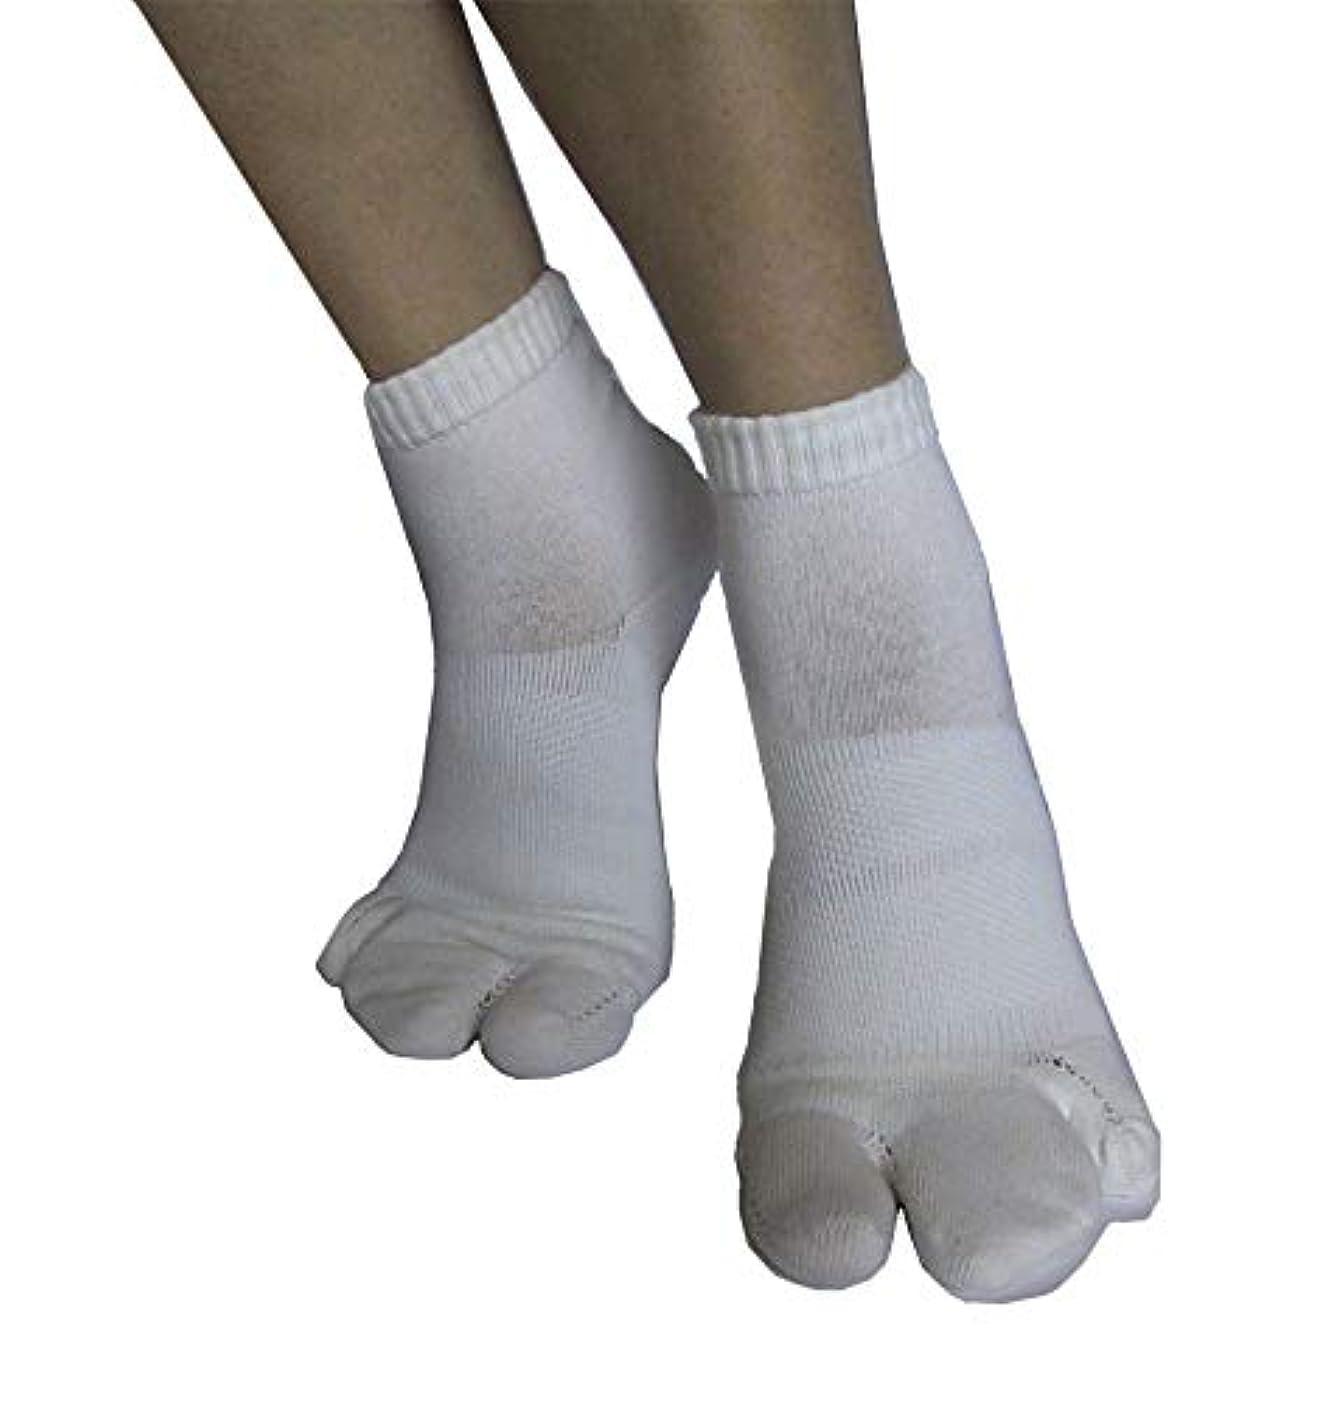 おっとすみませんアレイカサハラ式サポーター ホソックス3本指テーピング靴下 ホワイトM 23.5-24.5cm